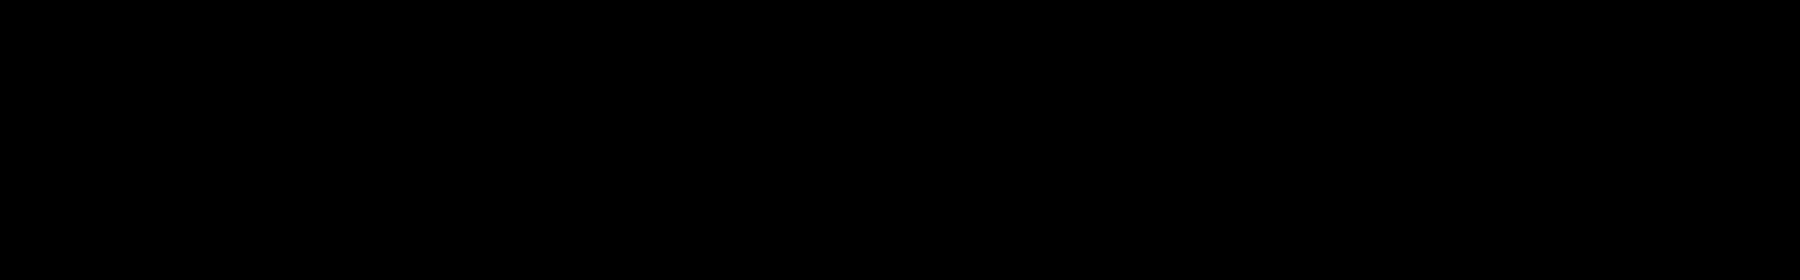 Cthulhu Godz Bundle audio waveform